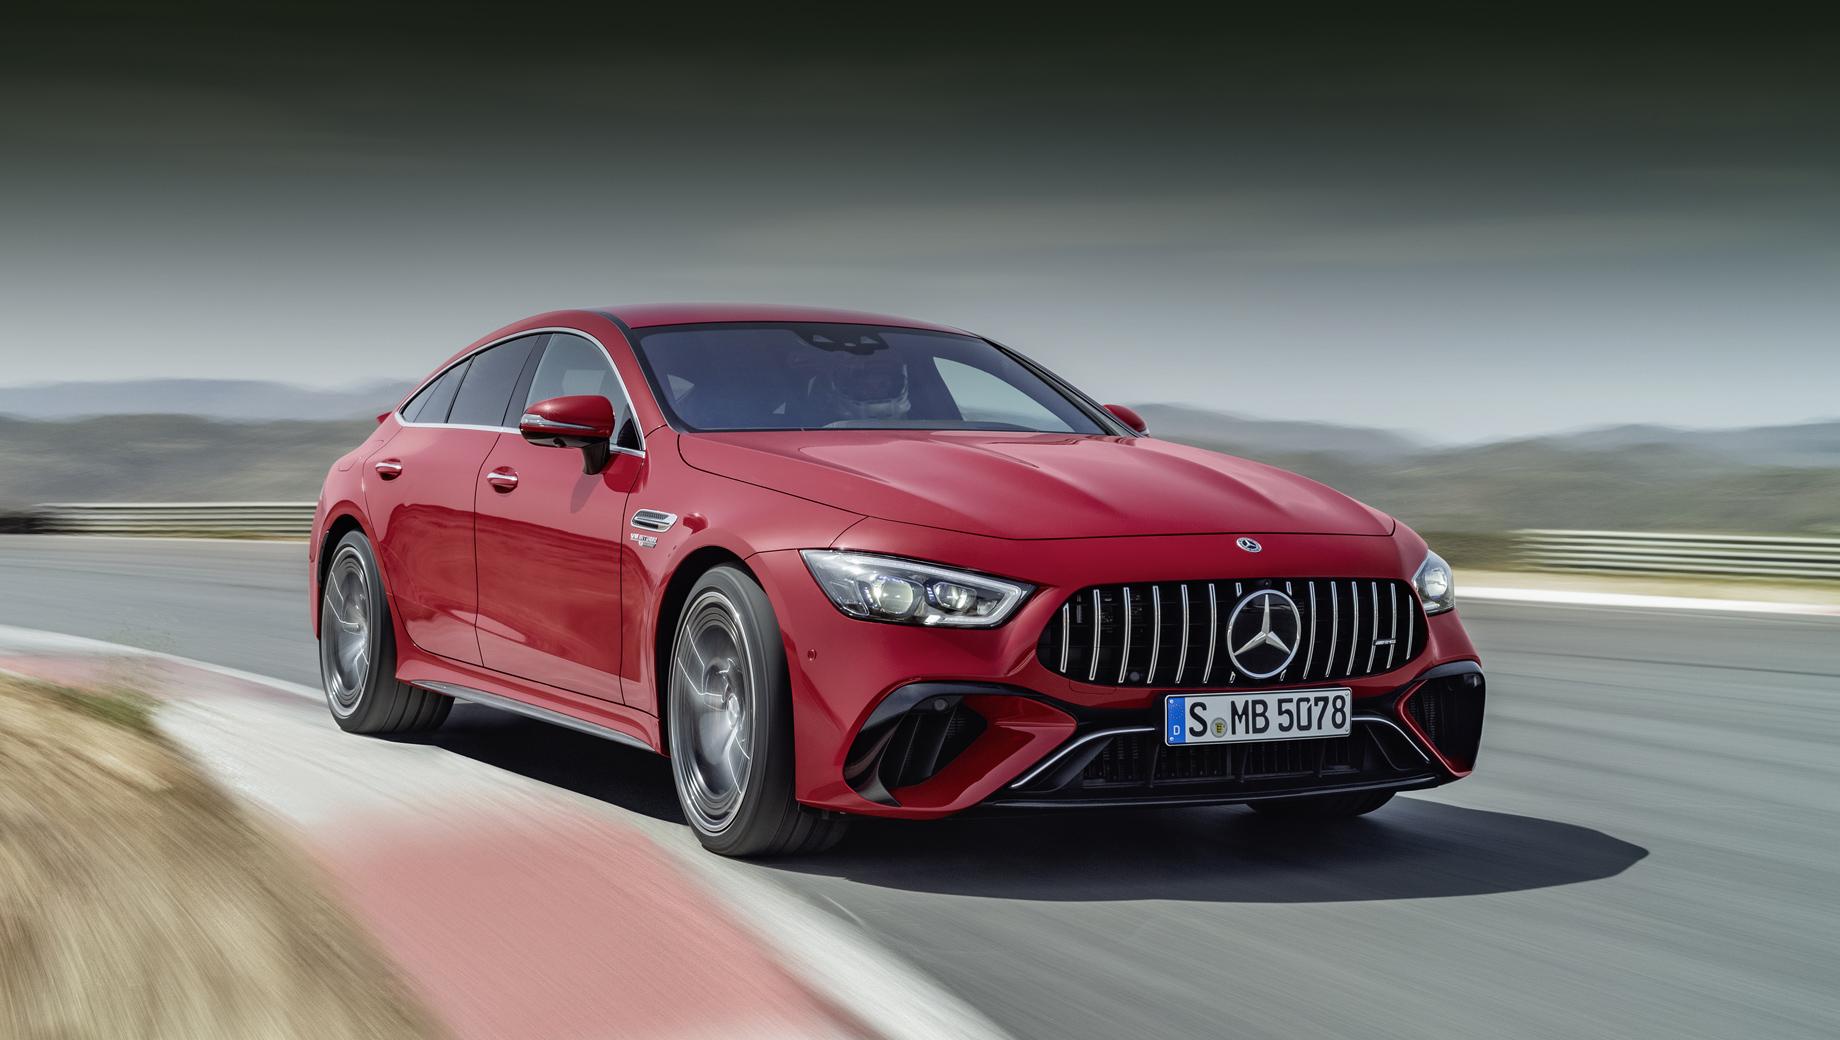 Mercedes amg gt,Mercedes amg gt e performance. Интересно, на что будет способна гибридная машина, когда появится на Северной петле? Её собрат, пятидверный GT 63 S без гибридной системы — и так быстрейший на Нюрбургринге в своей категории.